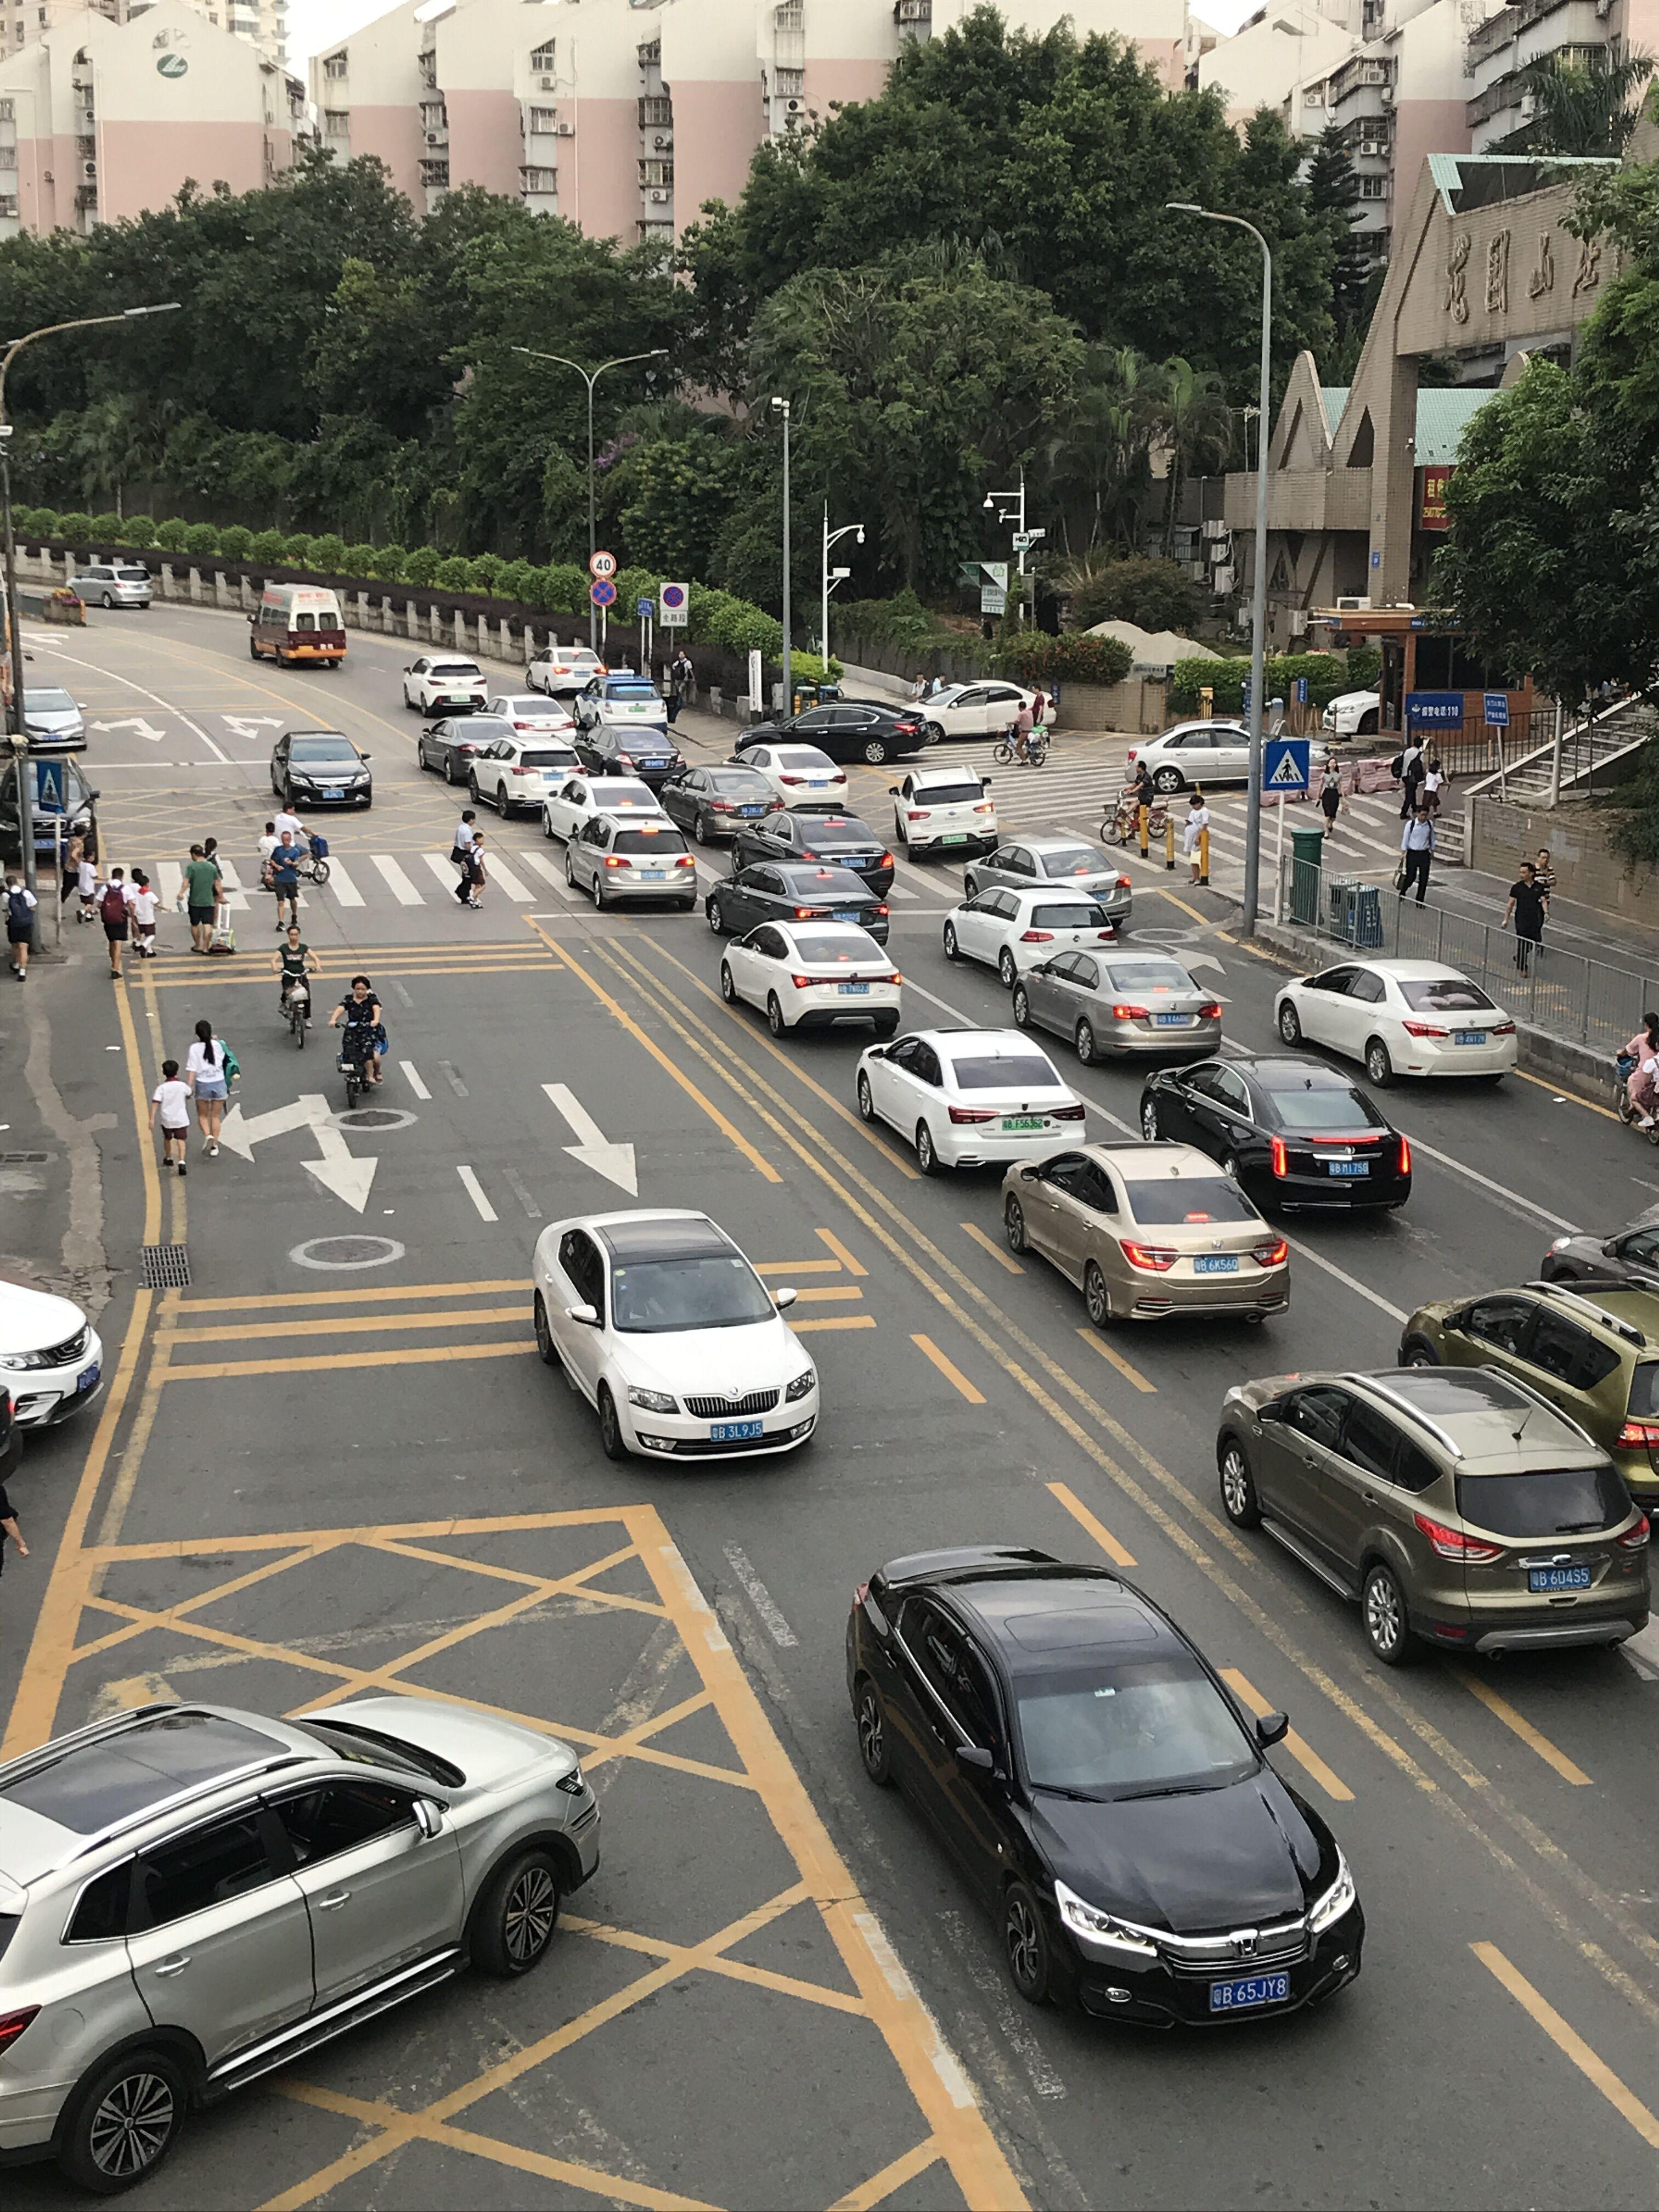 人车混行,交通秩序混乱